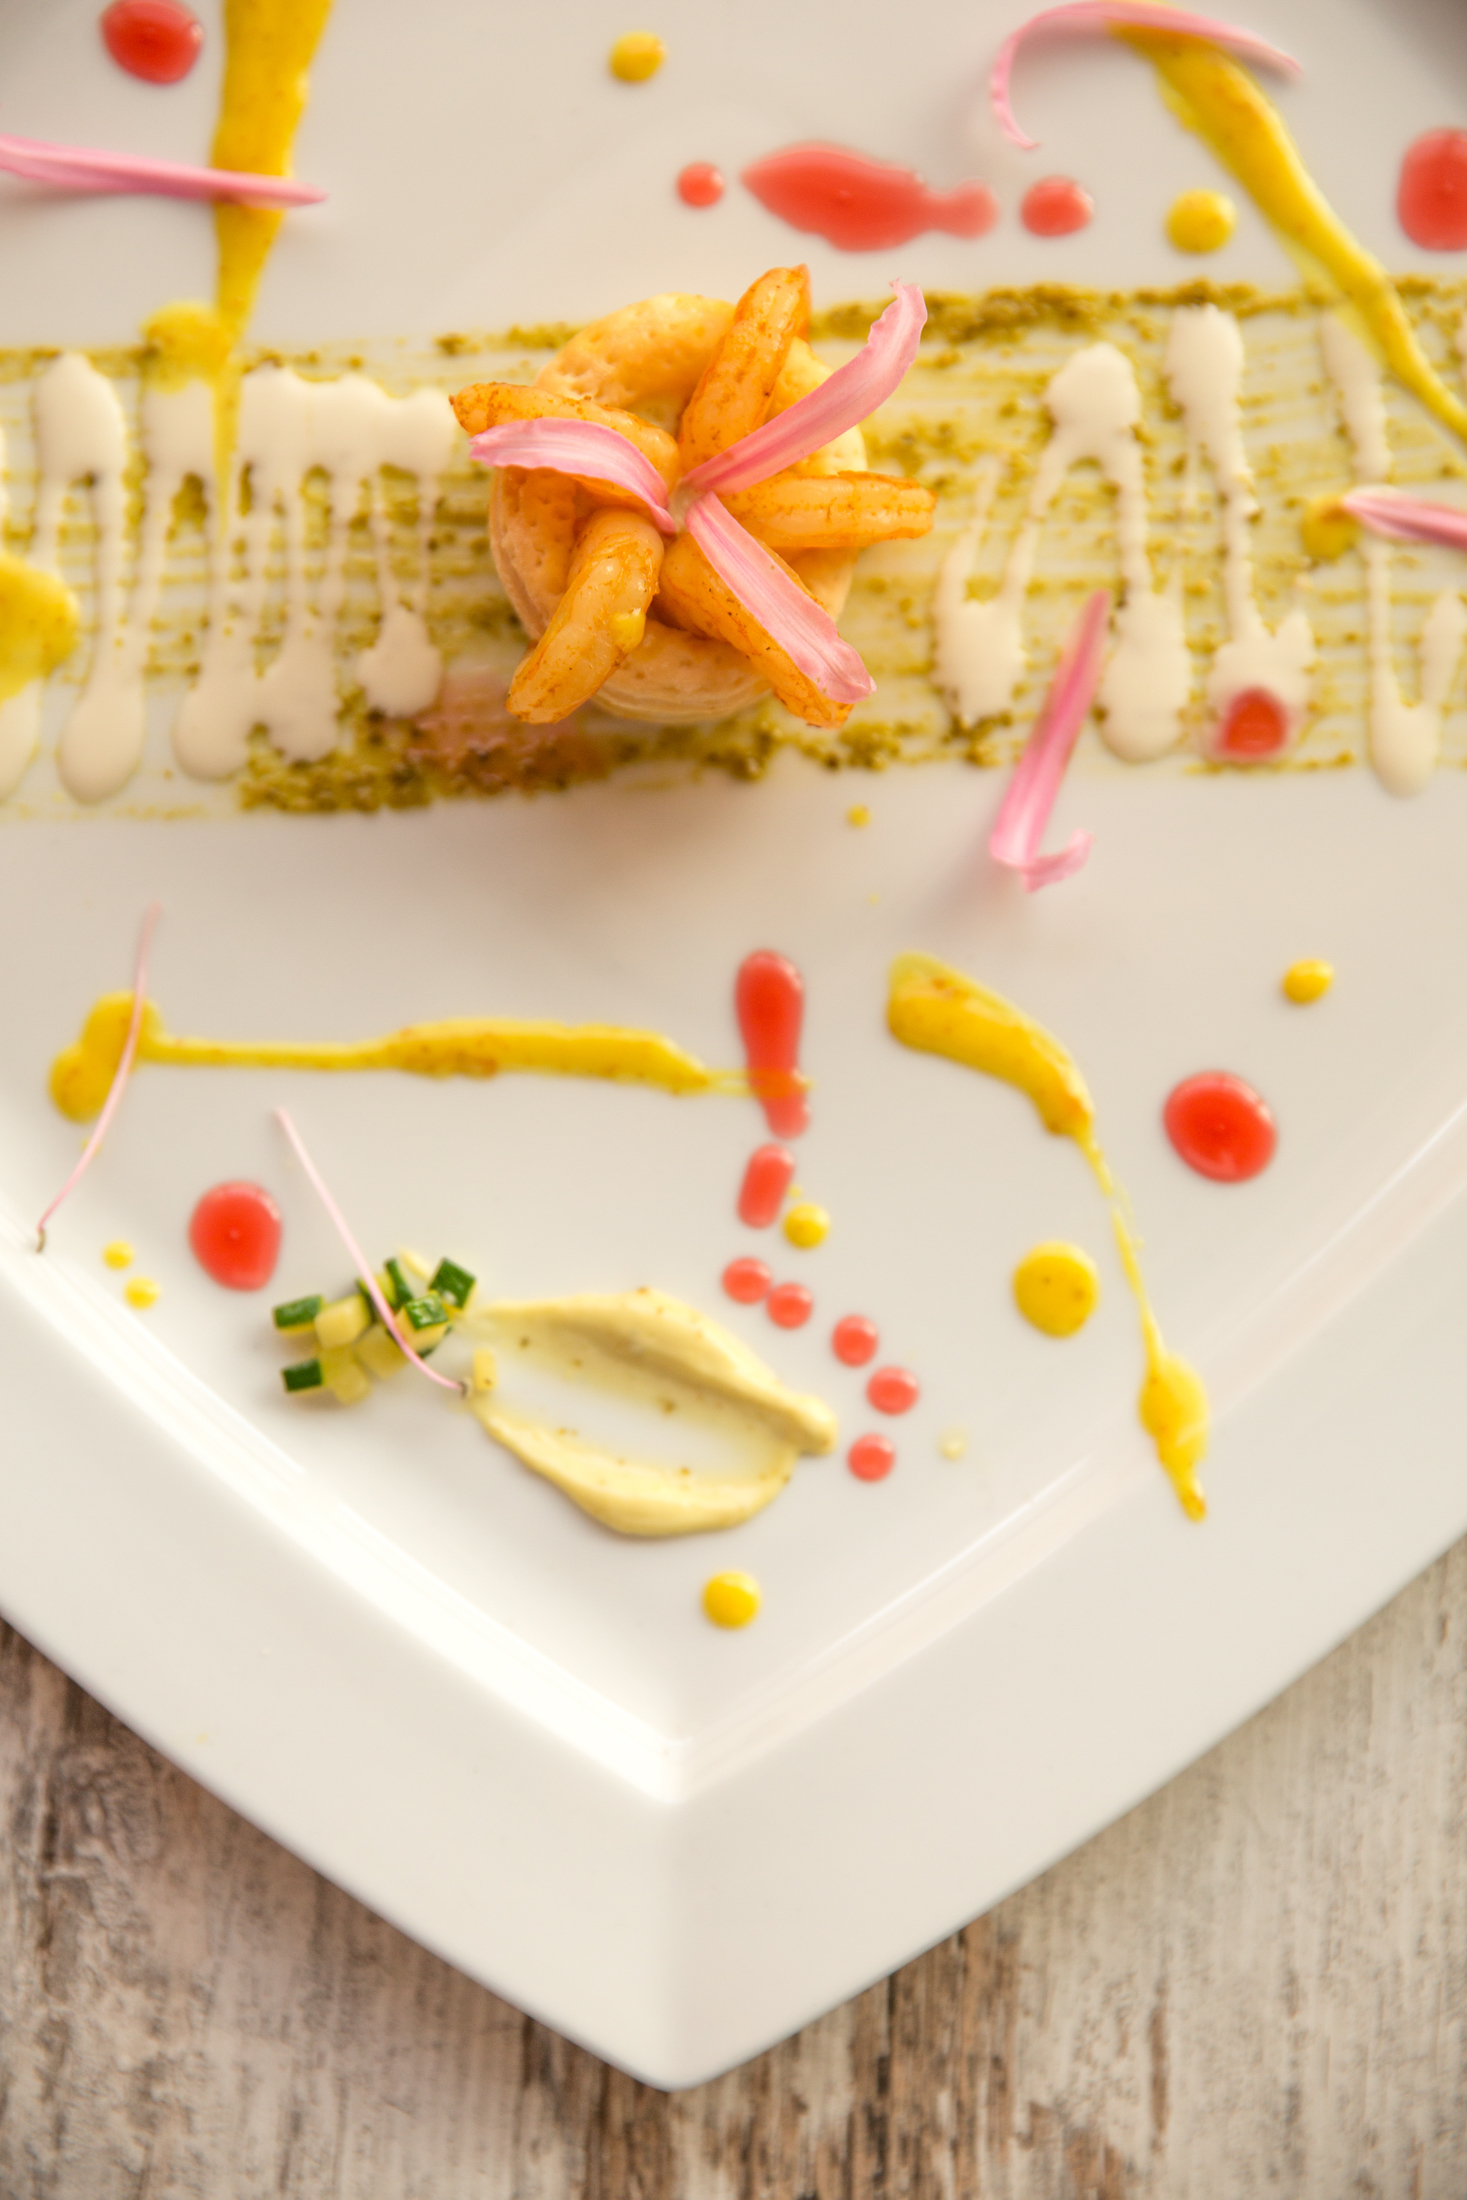 Food #2